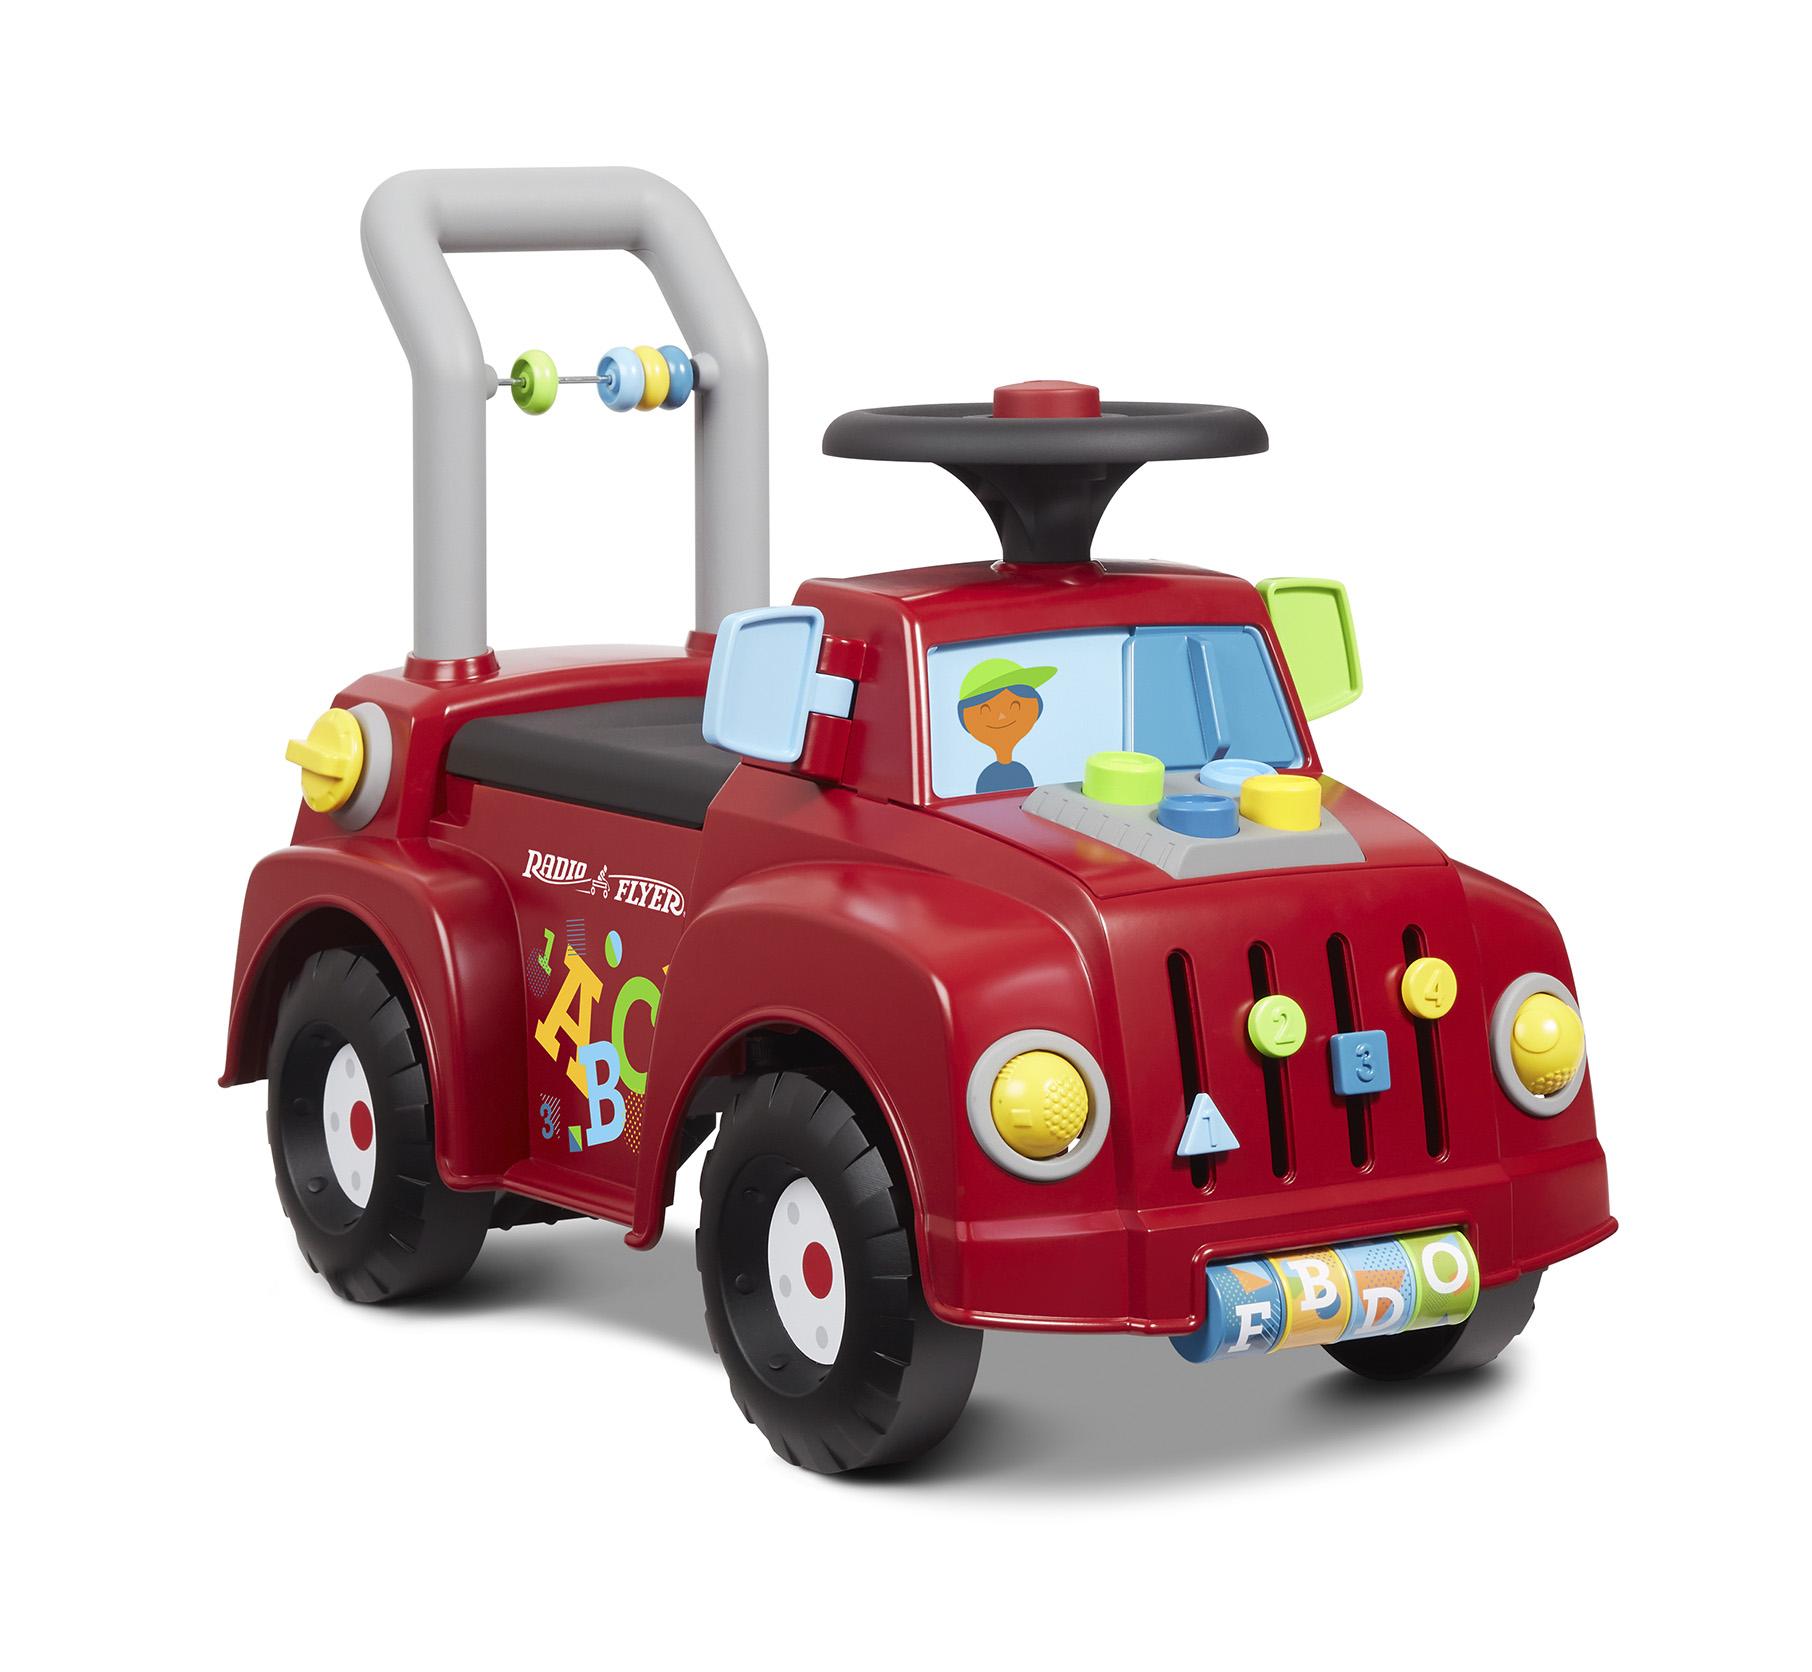 Model 604 Tinker Truck™